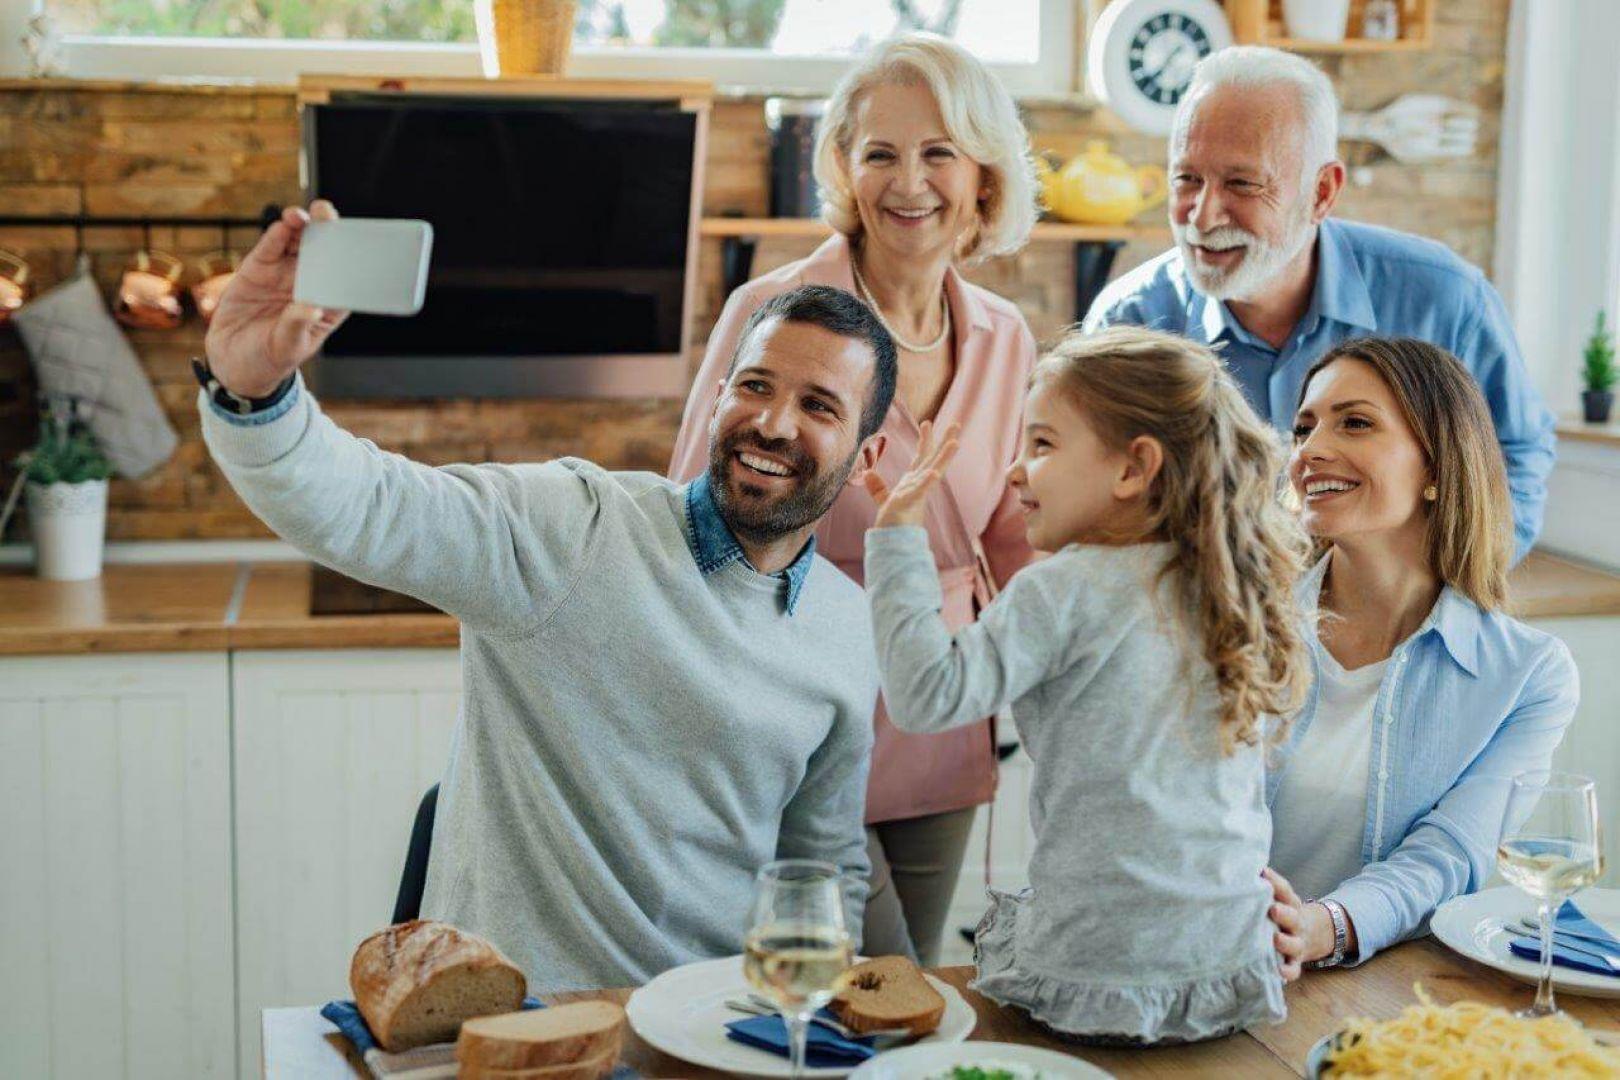 Źycie w domu wielopokoleniowym ma wiele zalet dla wszystkich członków rodziny, i wnuków, i seniorów. Fot. Adobe Stock